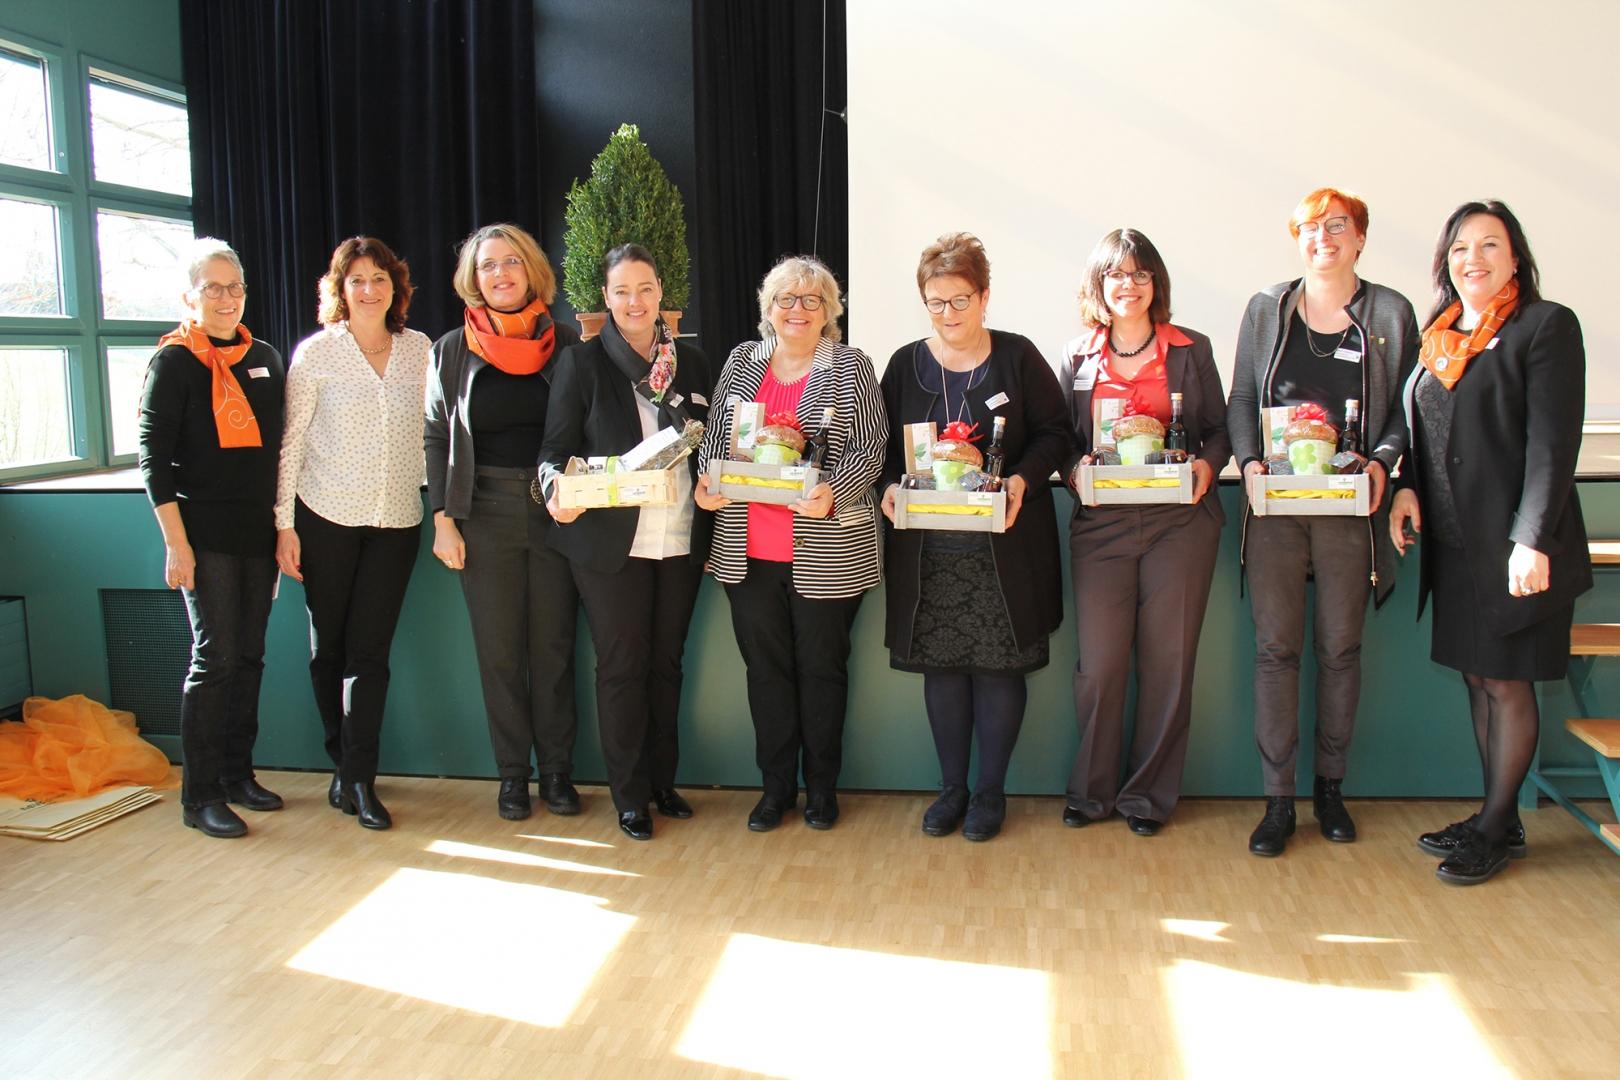 Krisenmanagement an der Behördenfrauentagung in Erlen (TG)